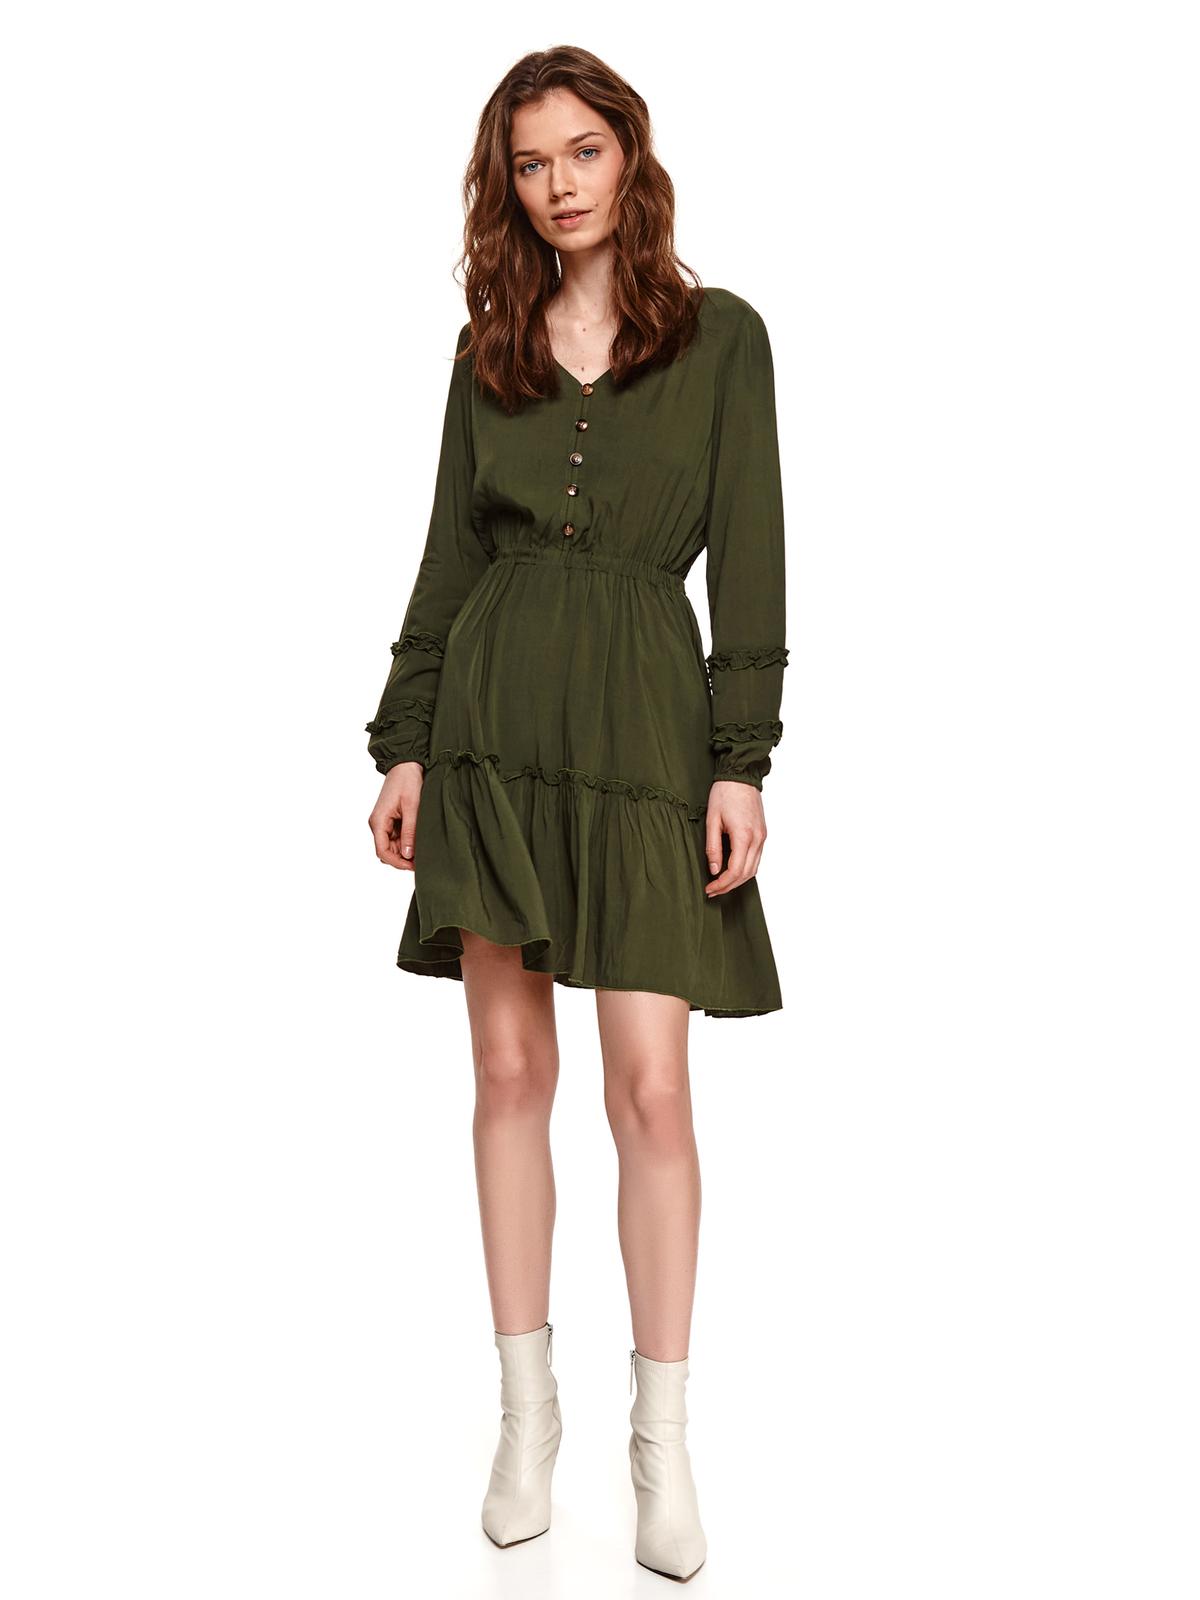 Rochie Top Secret verde-inchis scurta in clos cu elastic in talie cu volanase